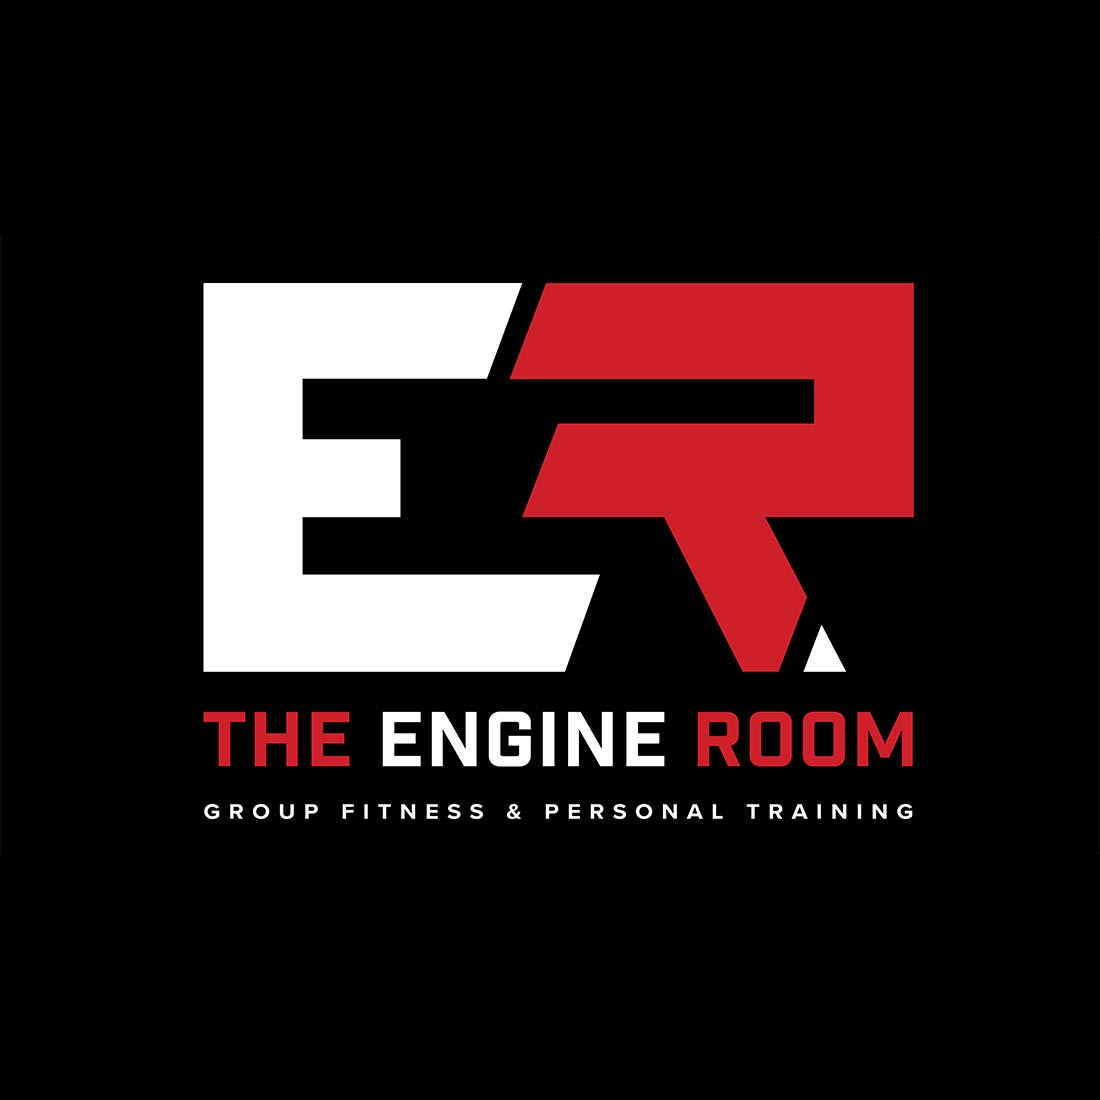 Small-Business-Branding-UK-Falkirk-Fitness-Gym-Logo-Design